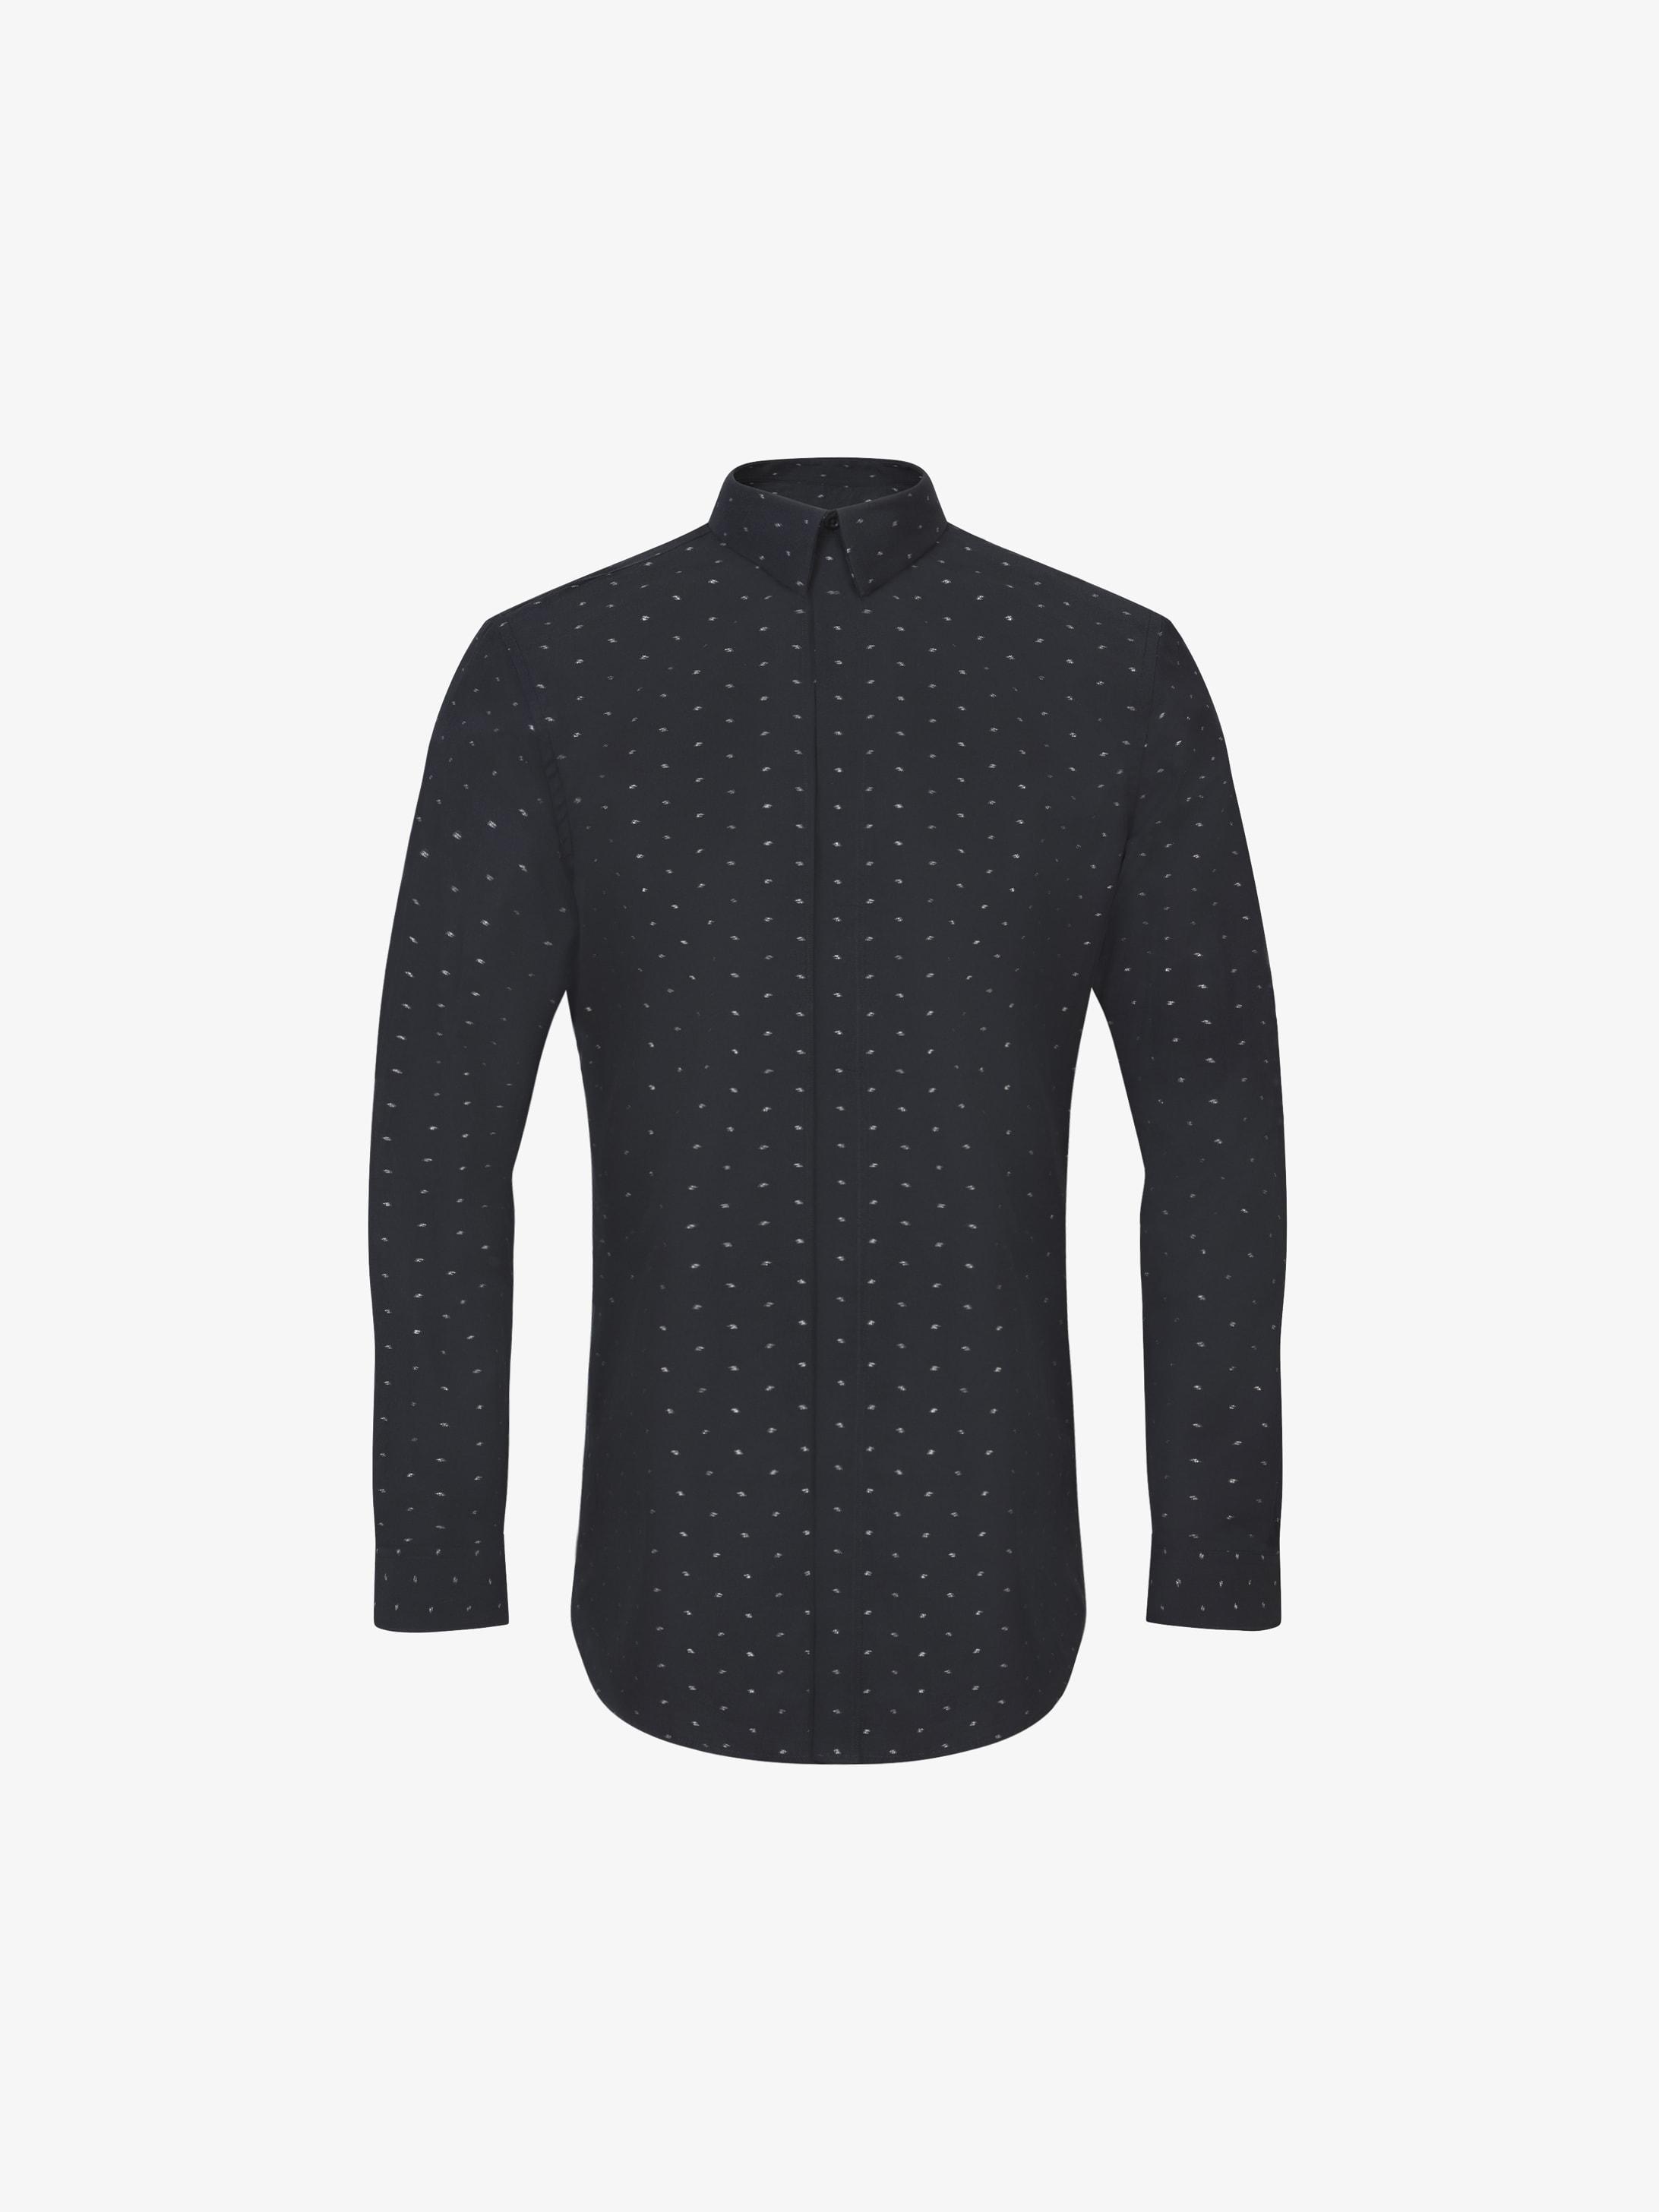 Camicia slim fit in jacquard nero e argento